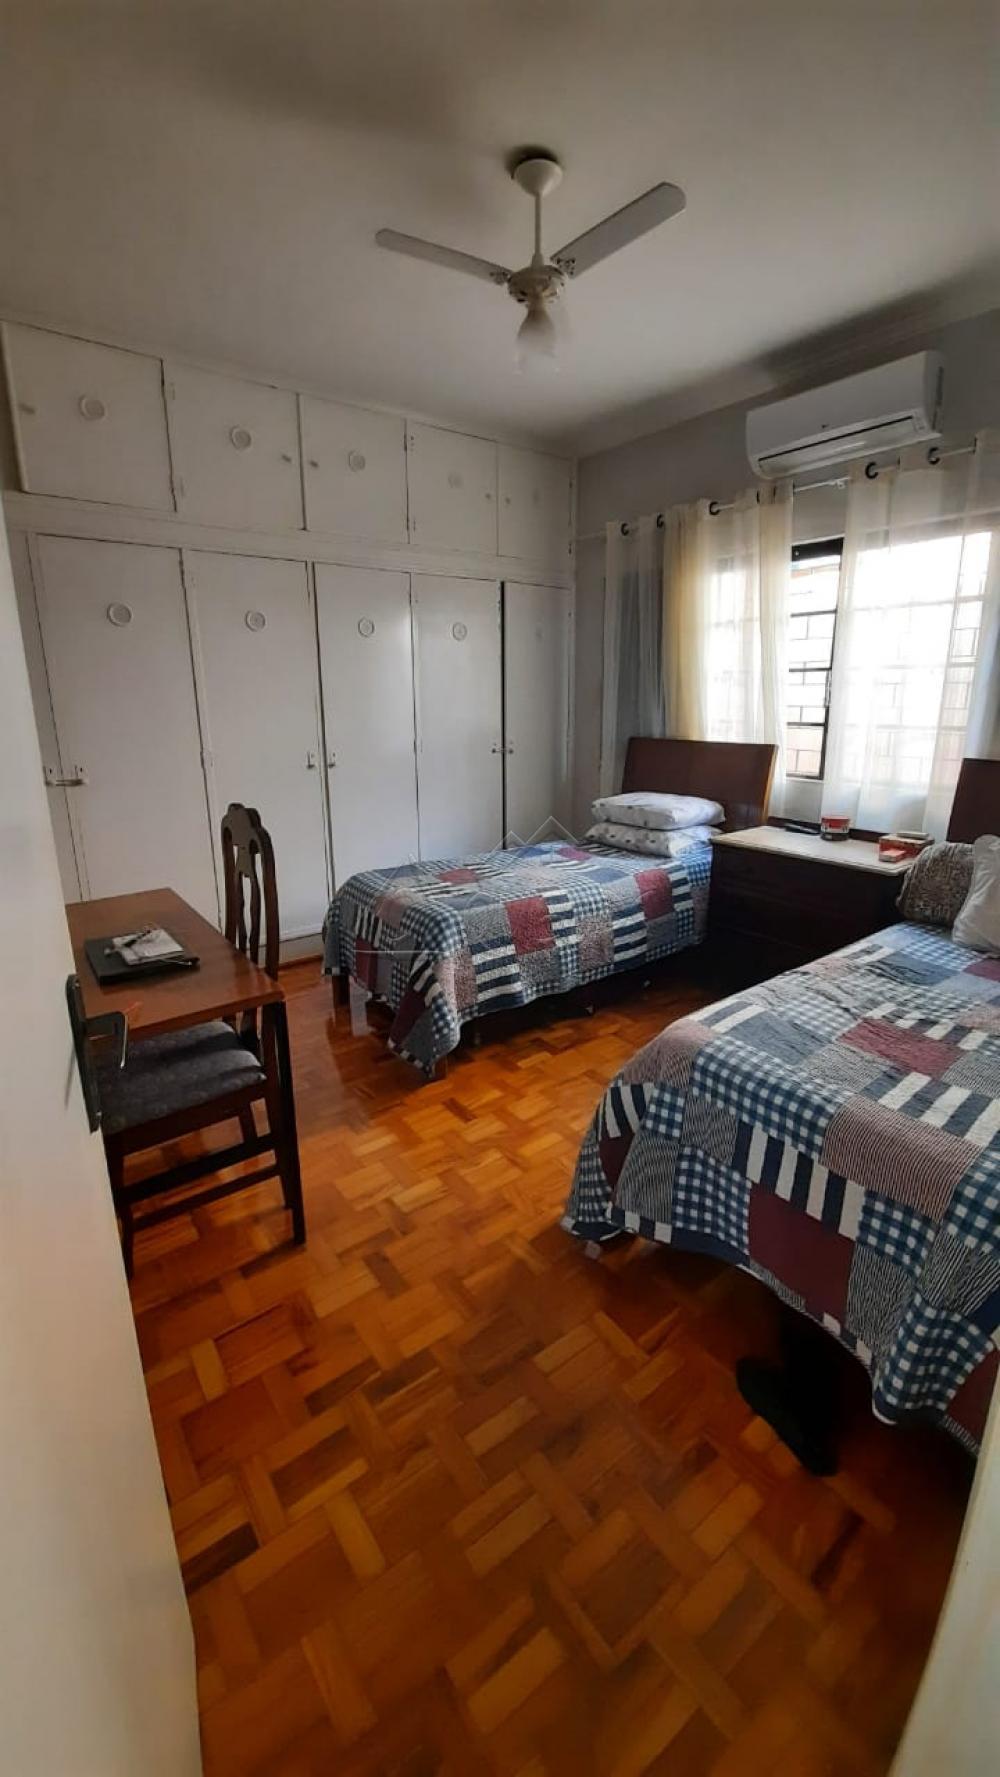 Comprar Casa / Padrão em Barretos apenas R$ 500.000,00 - Foto 23